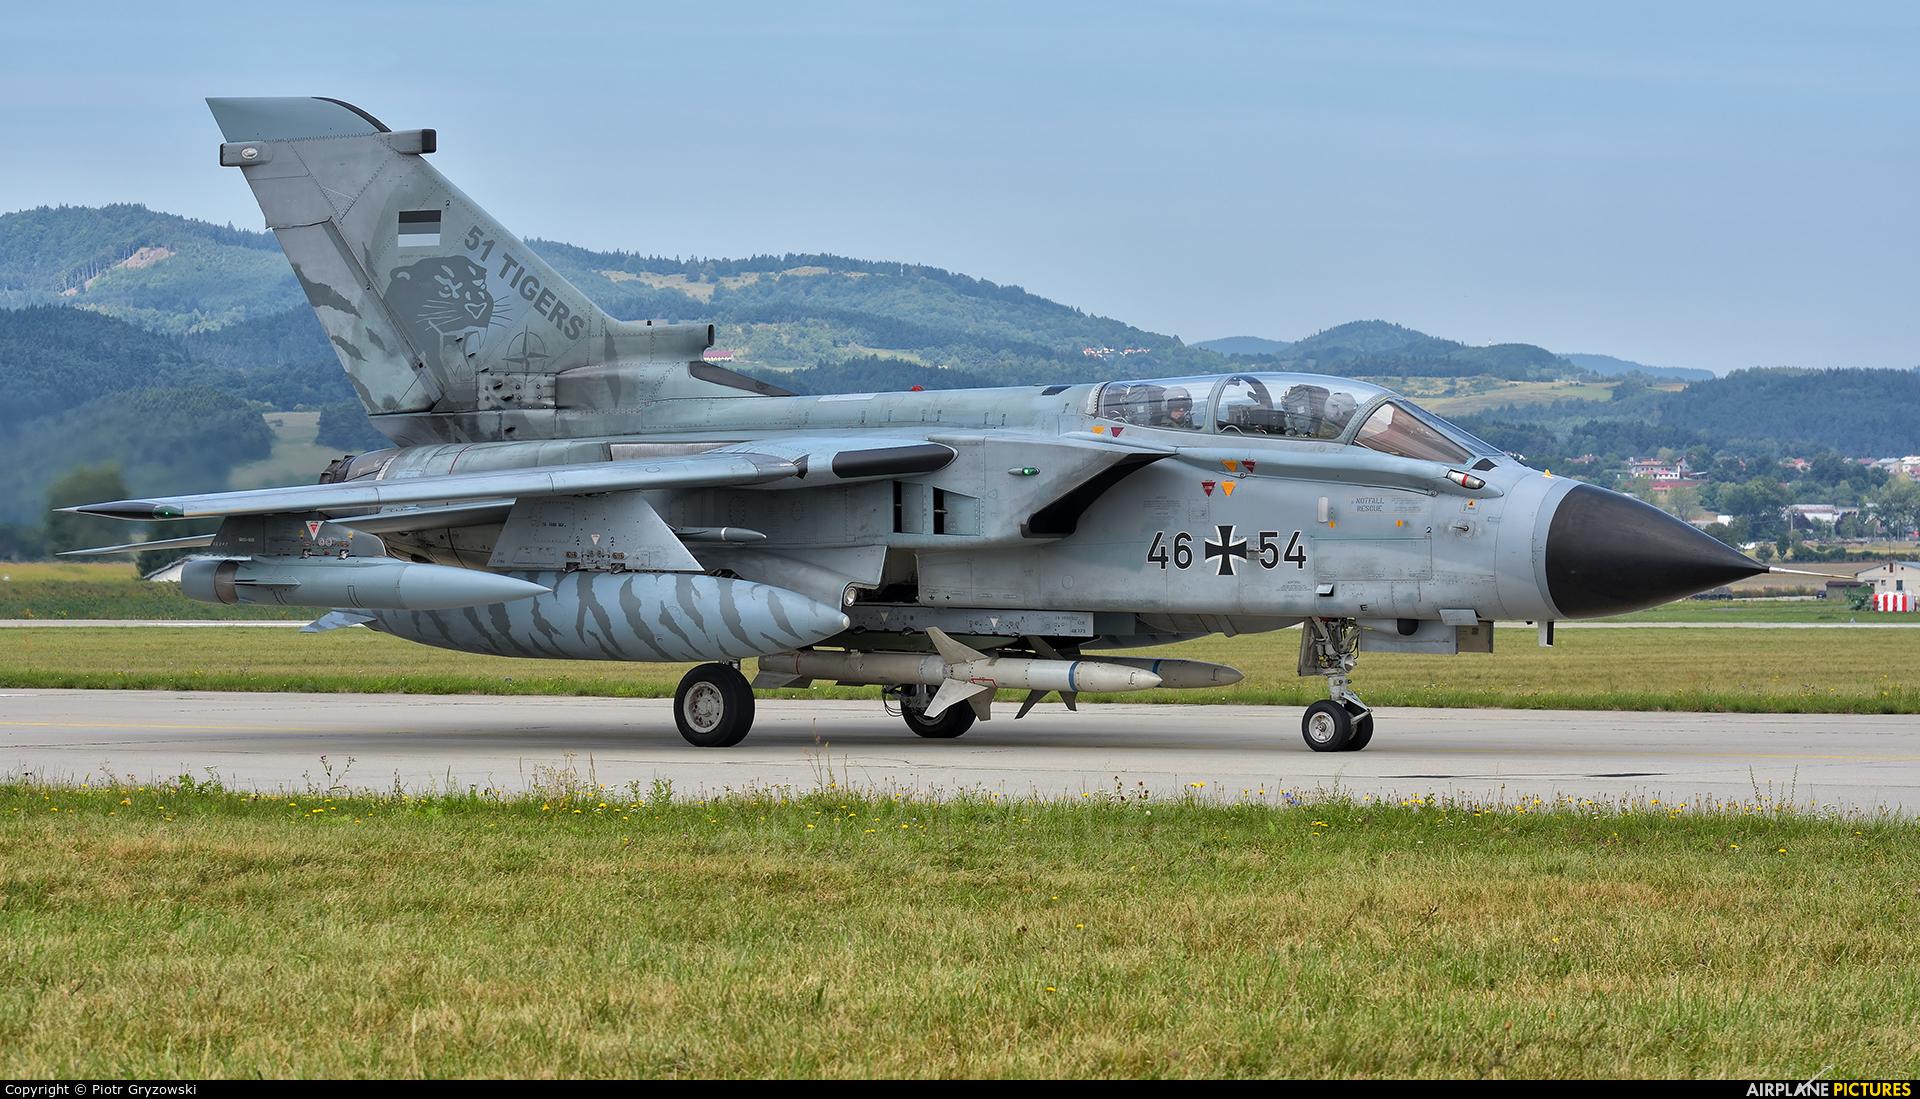 Germany - Air Force 46+54 aircraft at Sliač